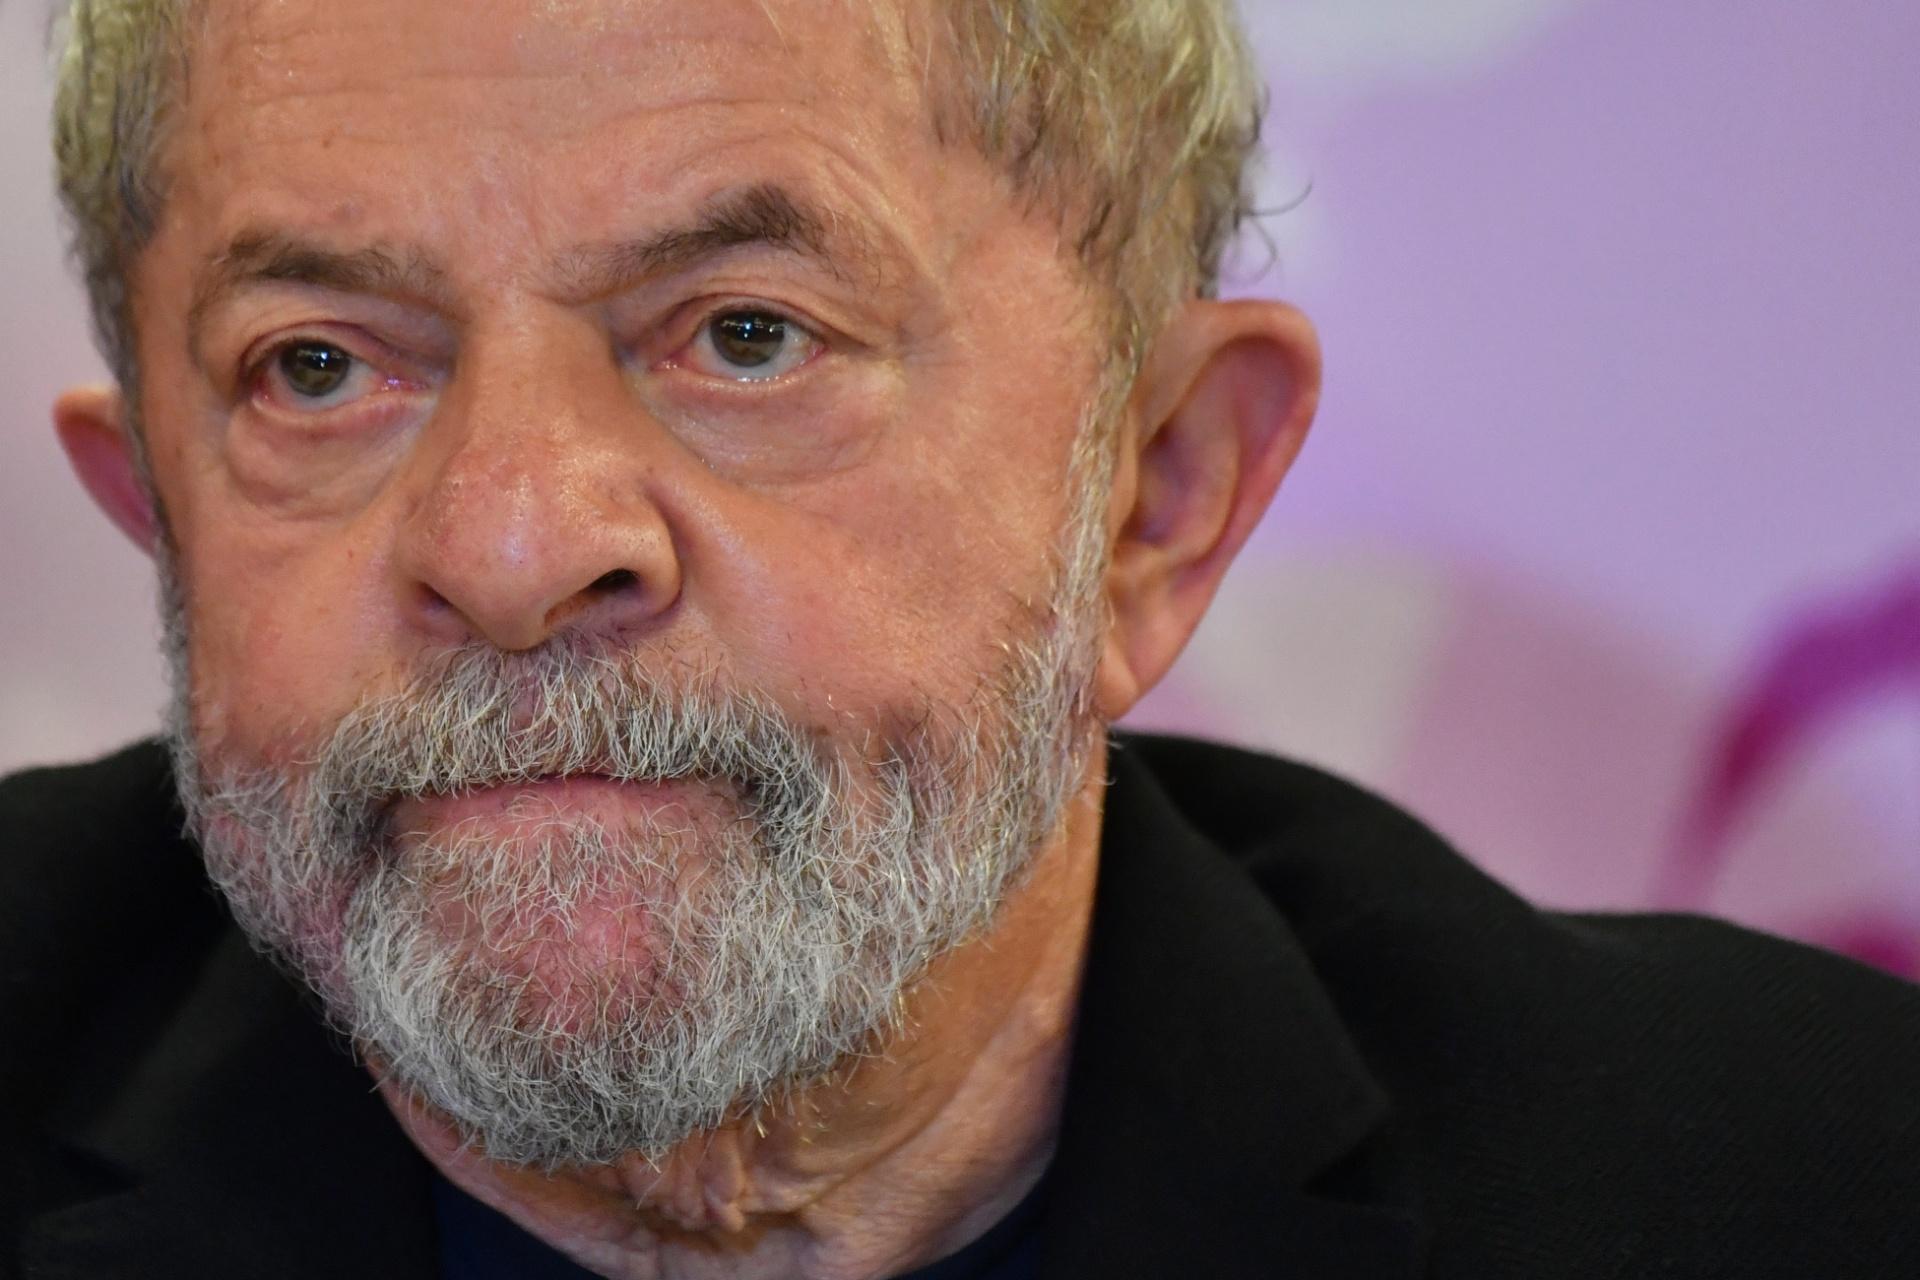 Resultado de imagem para Quando um petista te disser que Lula é honesto, mostre esse vídeo pra ele